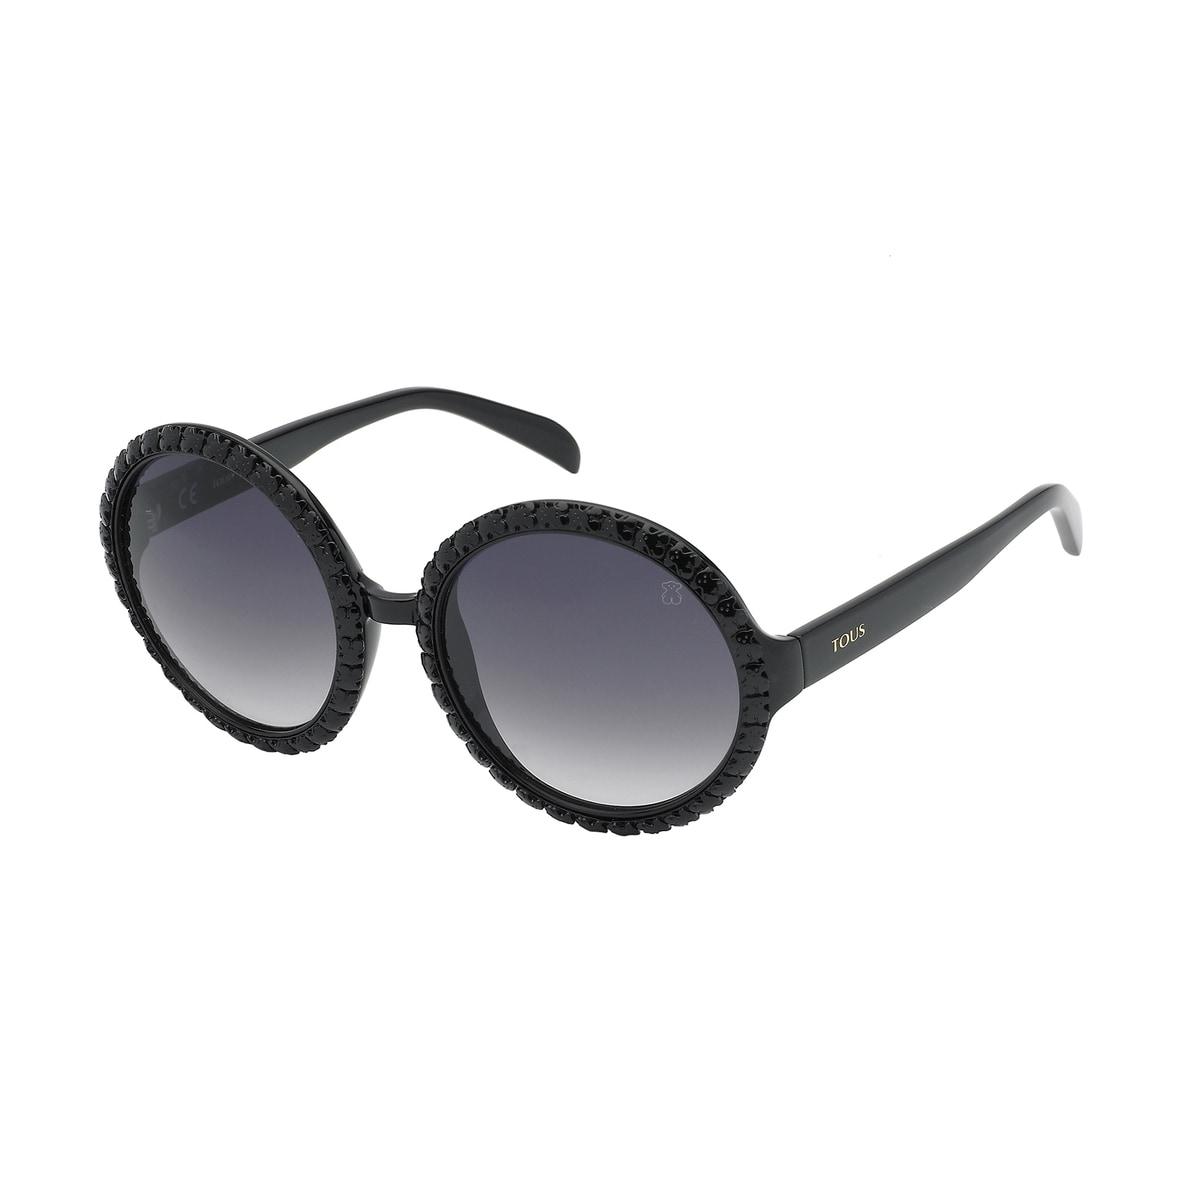 Square Bear sunglasses in black